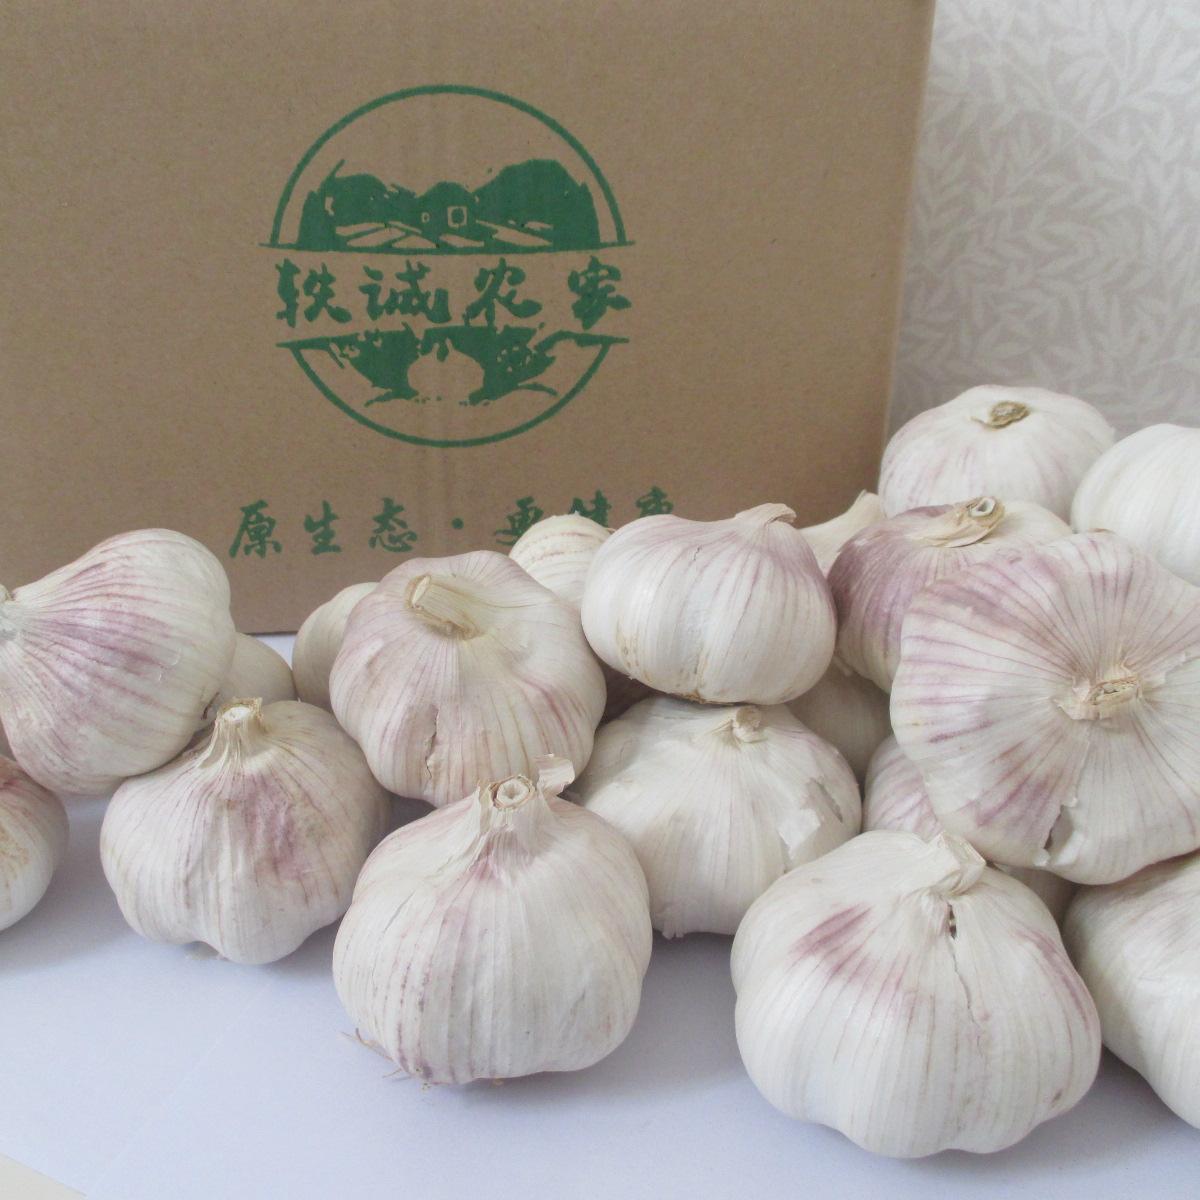 河南农家自种5斤带箱大蒜头2020年紫皮大蒜新鲜干蒜【图4】